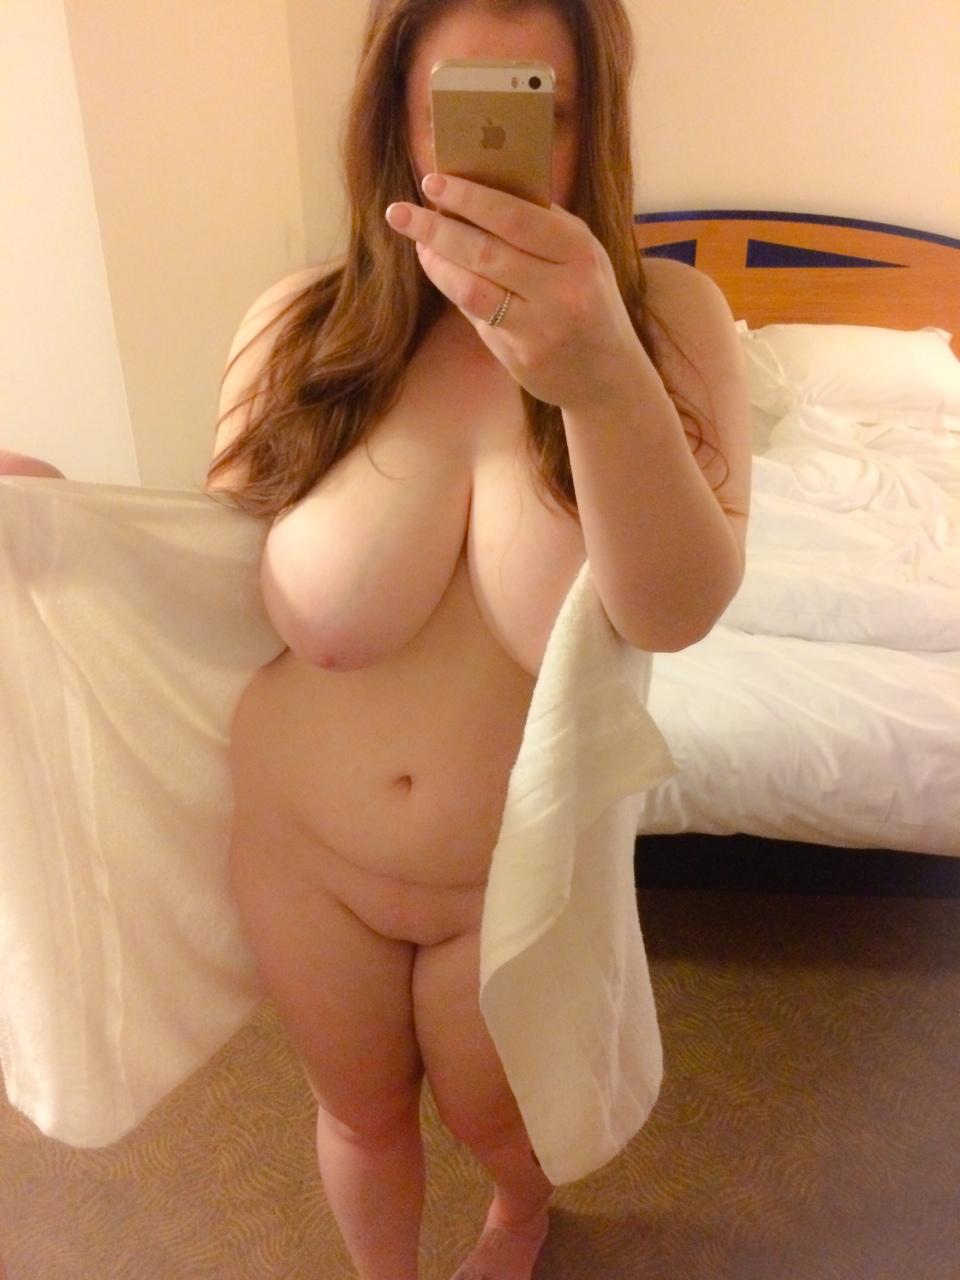 Пышки не смущаются показывать голые титьки секс фото и порно фото